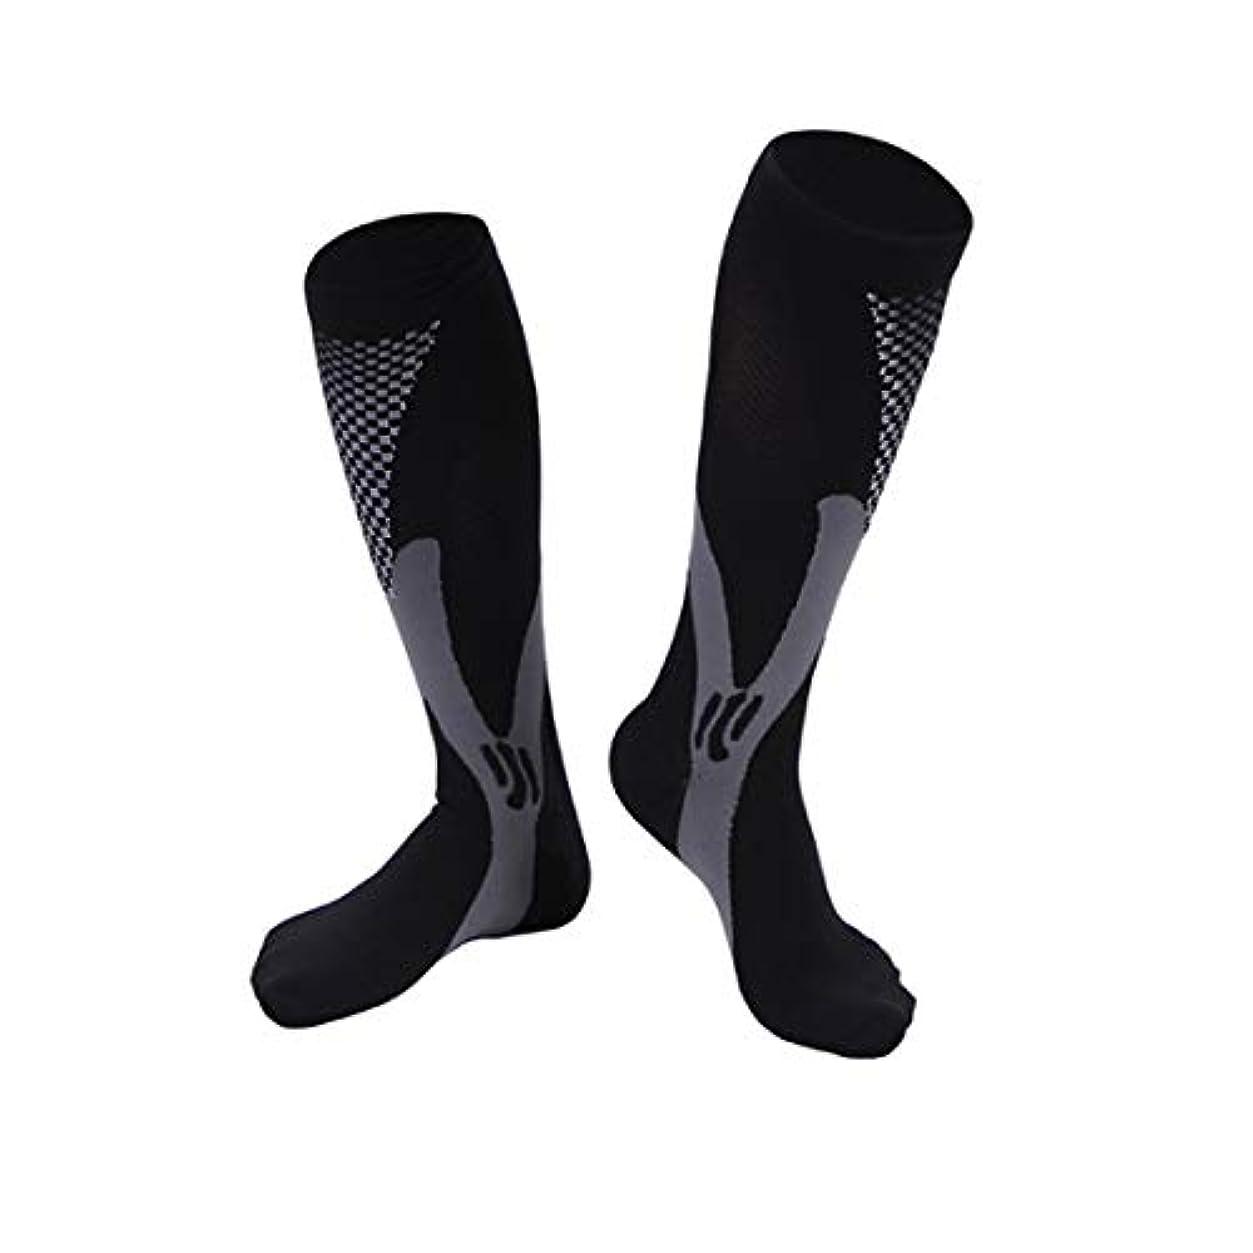 生きる必要とする橋脚快適な男性女性ファッションレッグサポートストレッチ圧縮ソックス下膝ソックスレッグサポートストレッチ通気性ソックス - ブラック2 XL